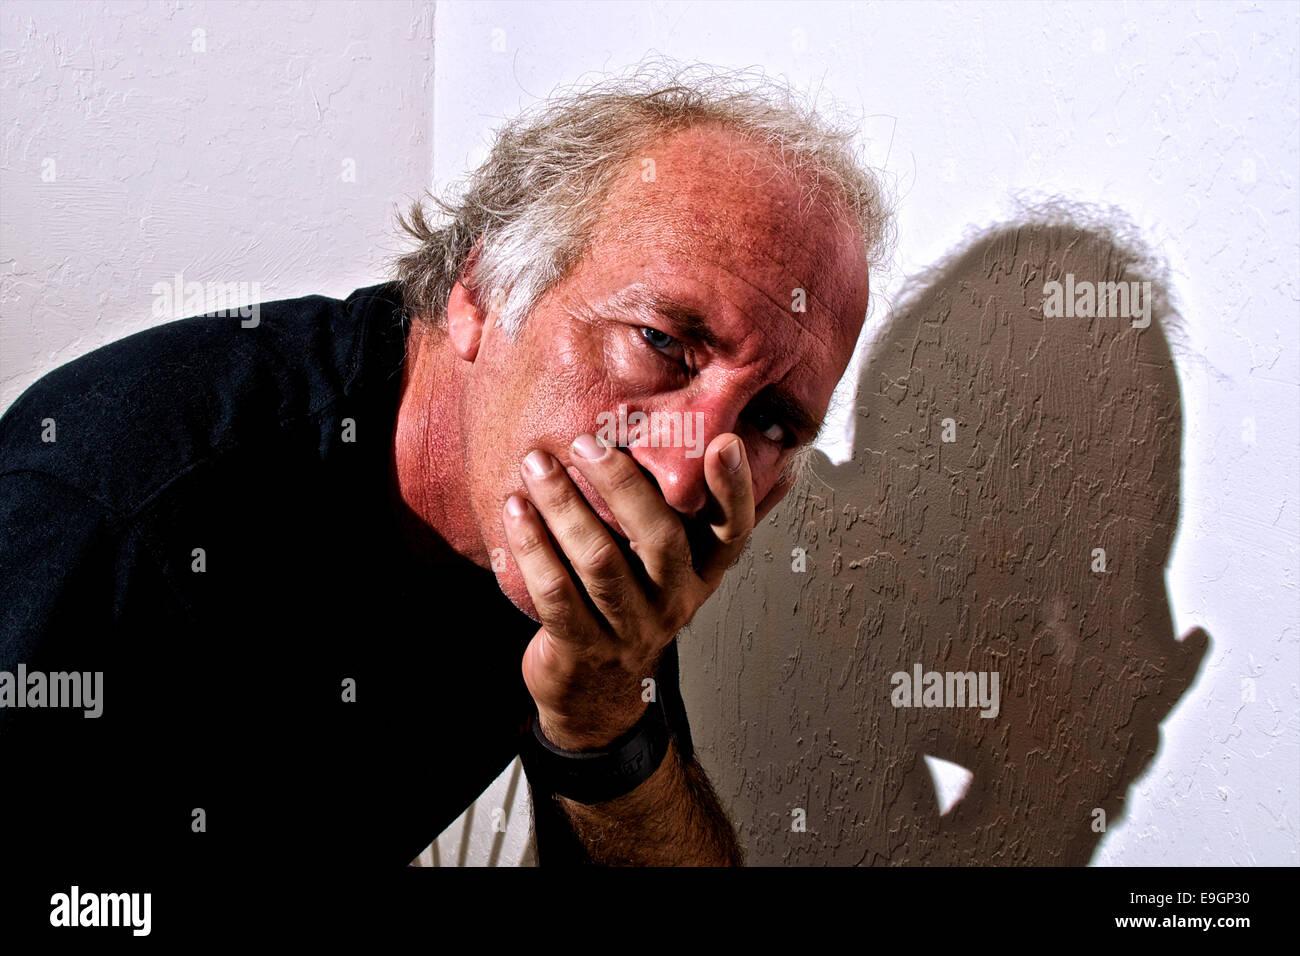 Un vecchio uomo bianco è di guardare direttamente viewer con un occhiata interessata ai suoi occhi e che copre Immagini Stock